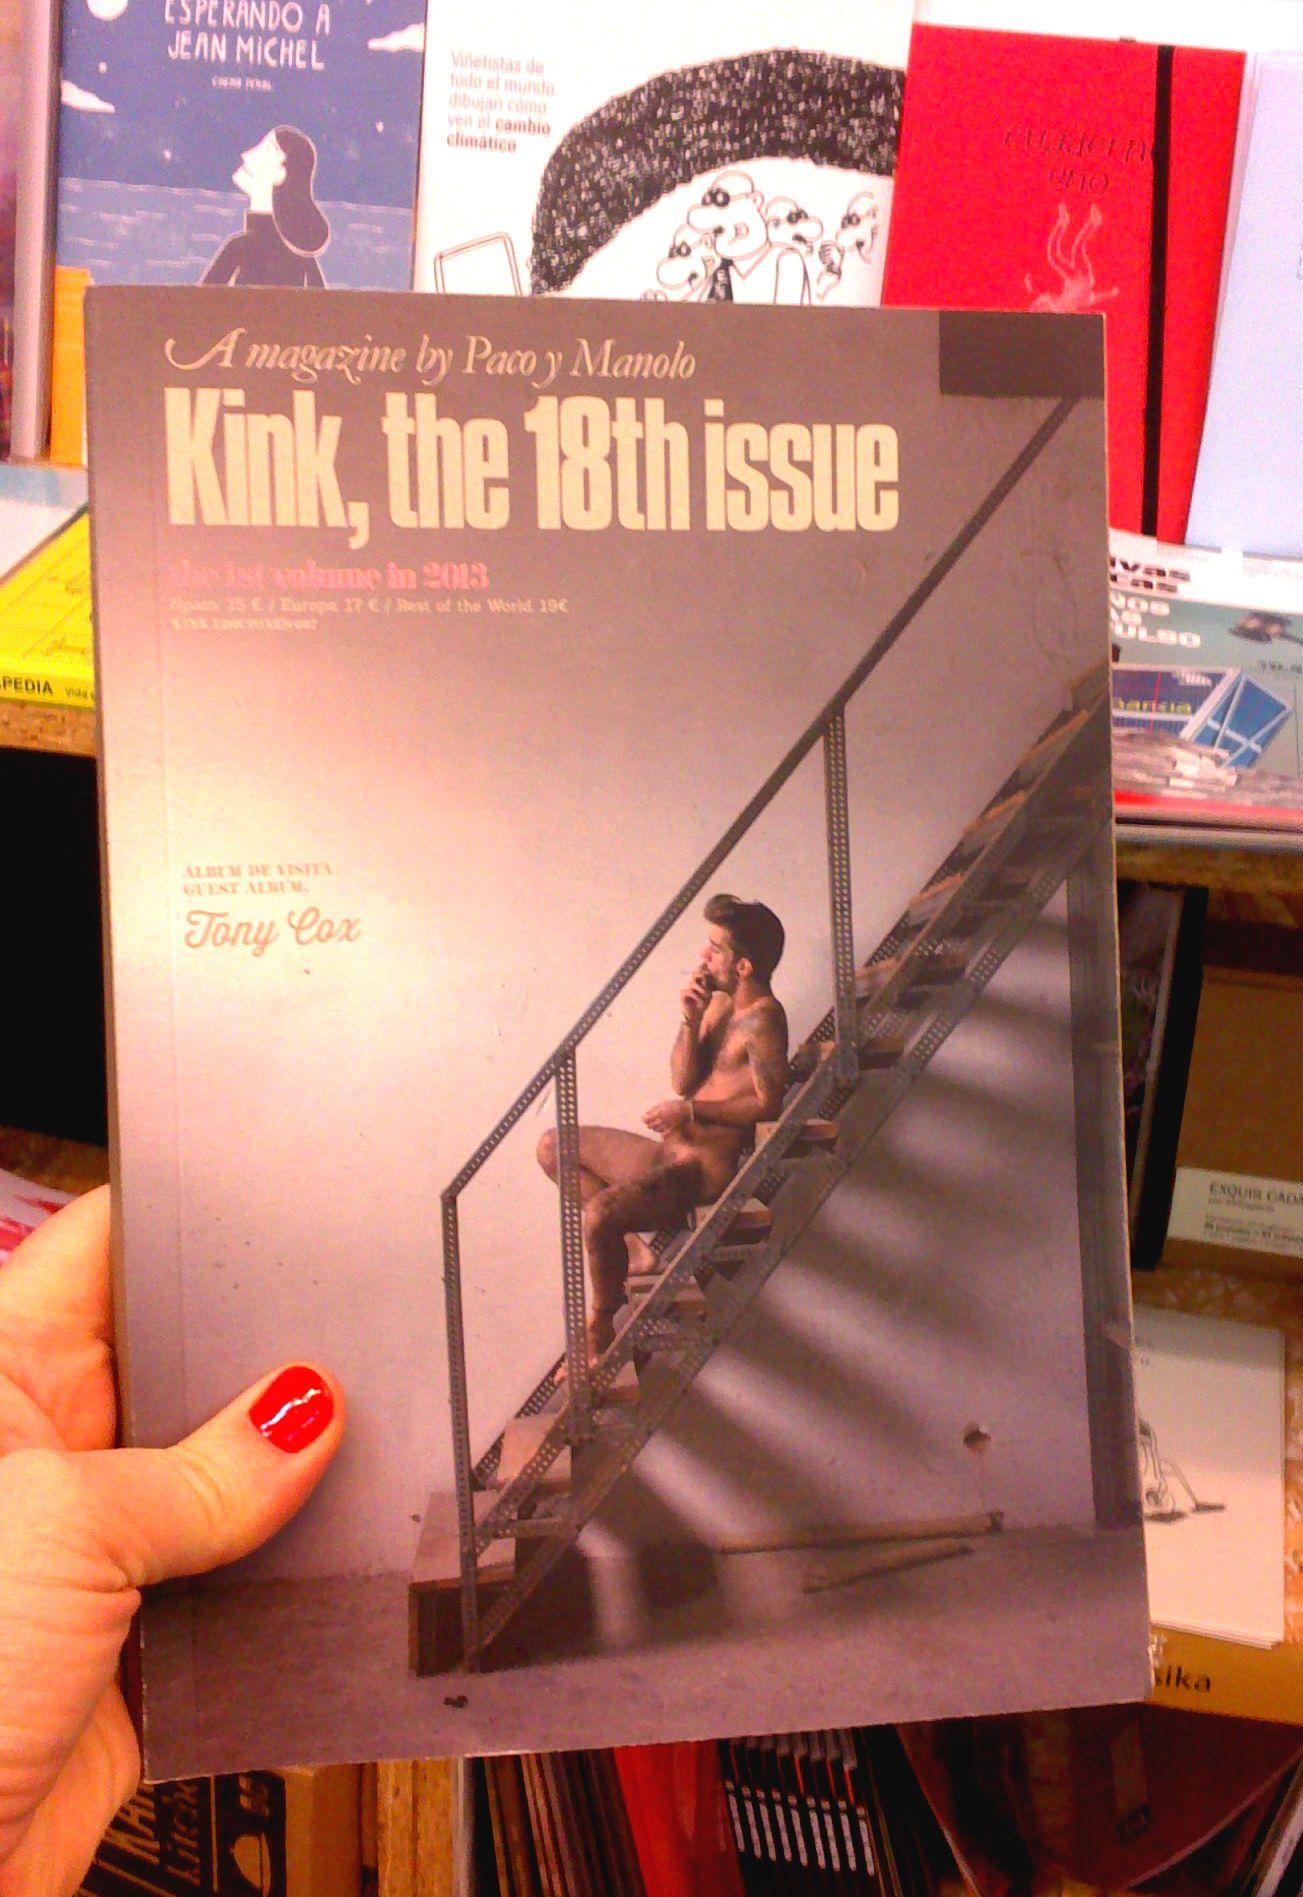 KINK 18 una revista de Paco y Manolo Número Especial - 148 páginas ...